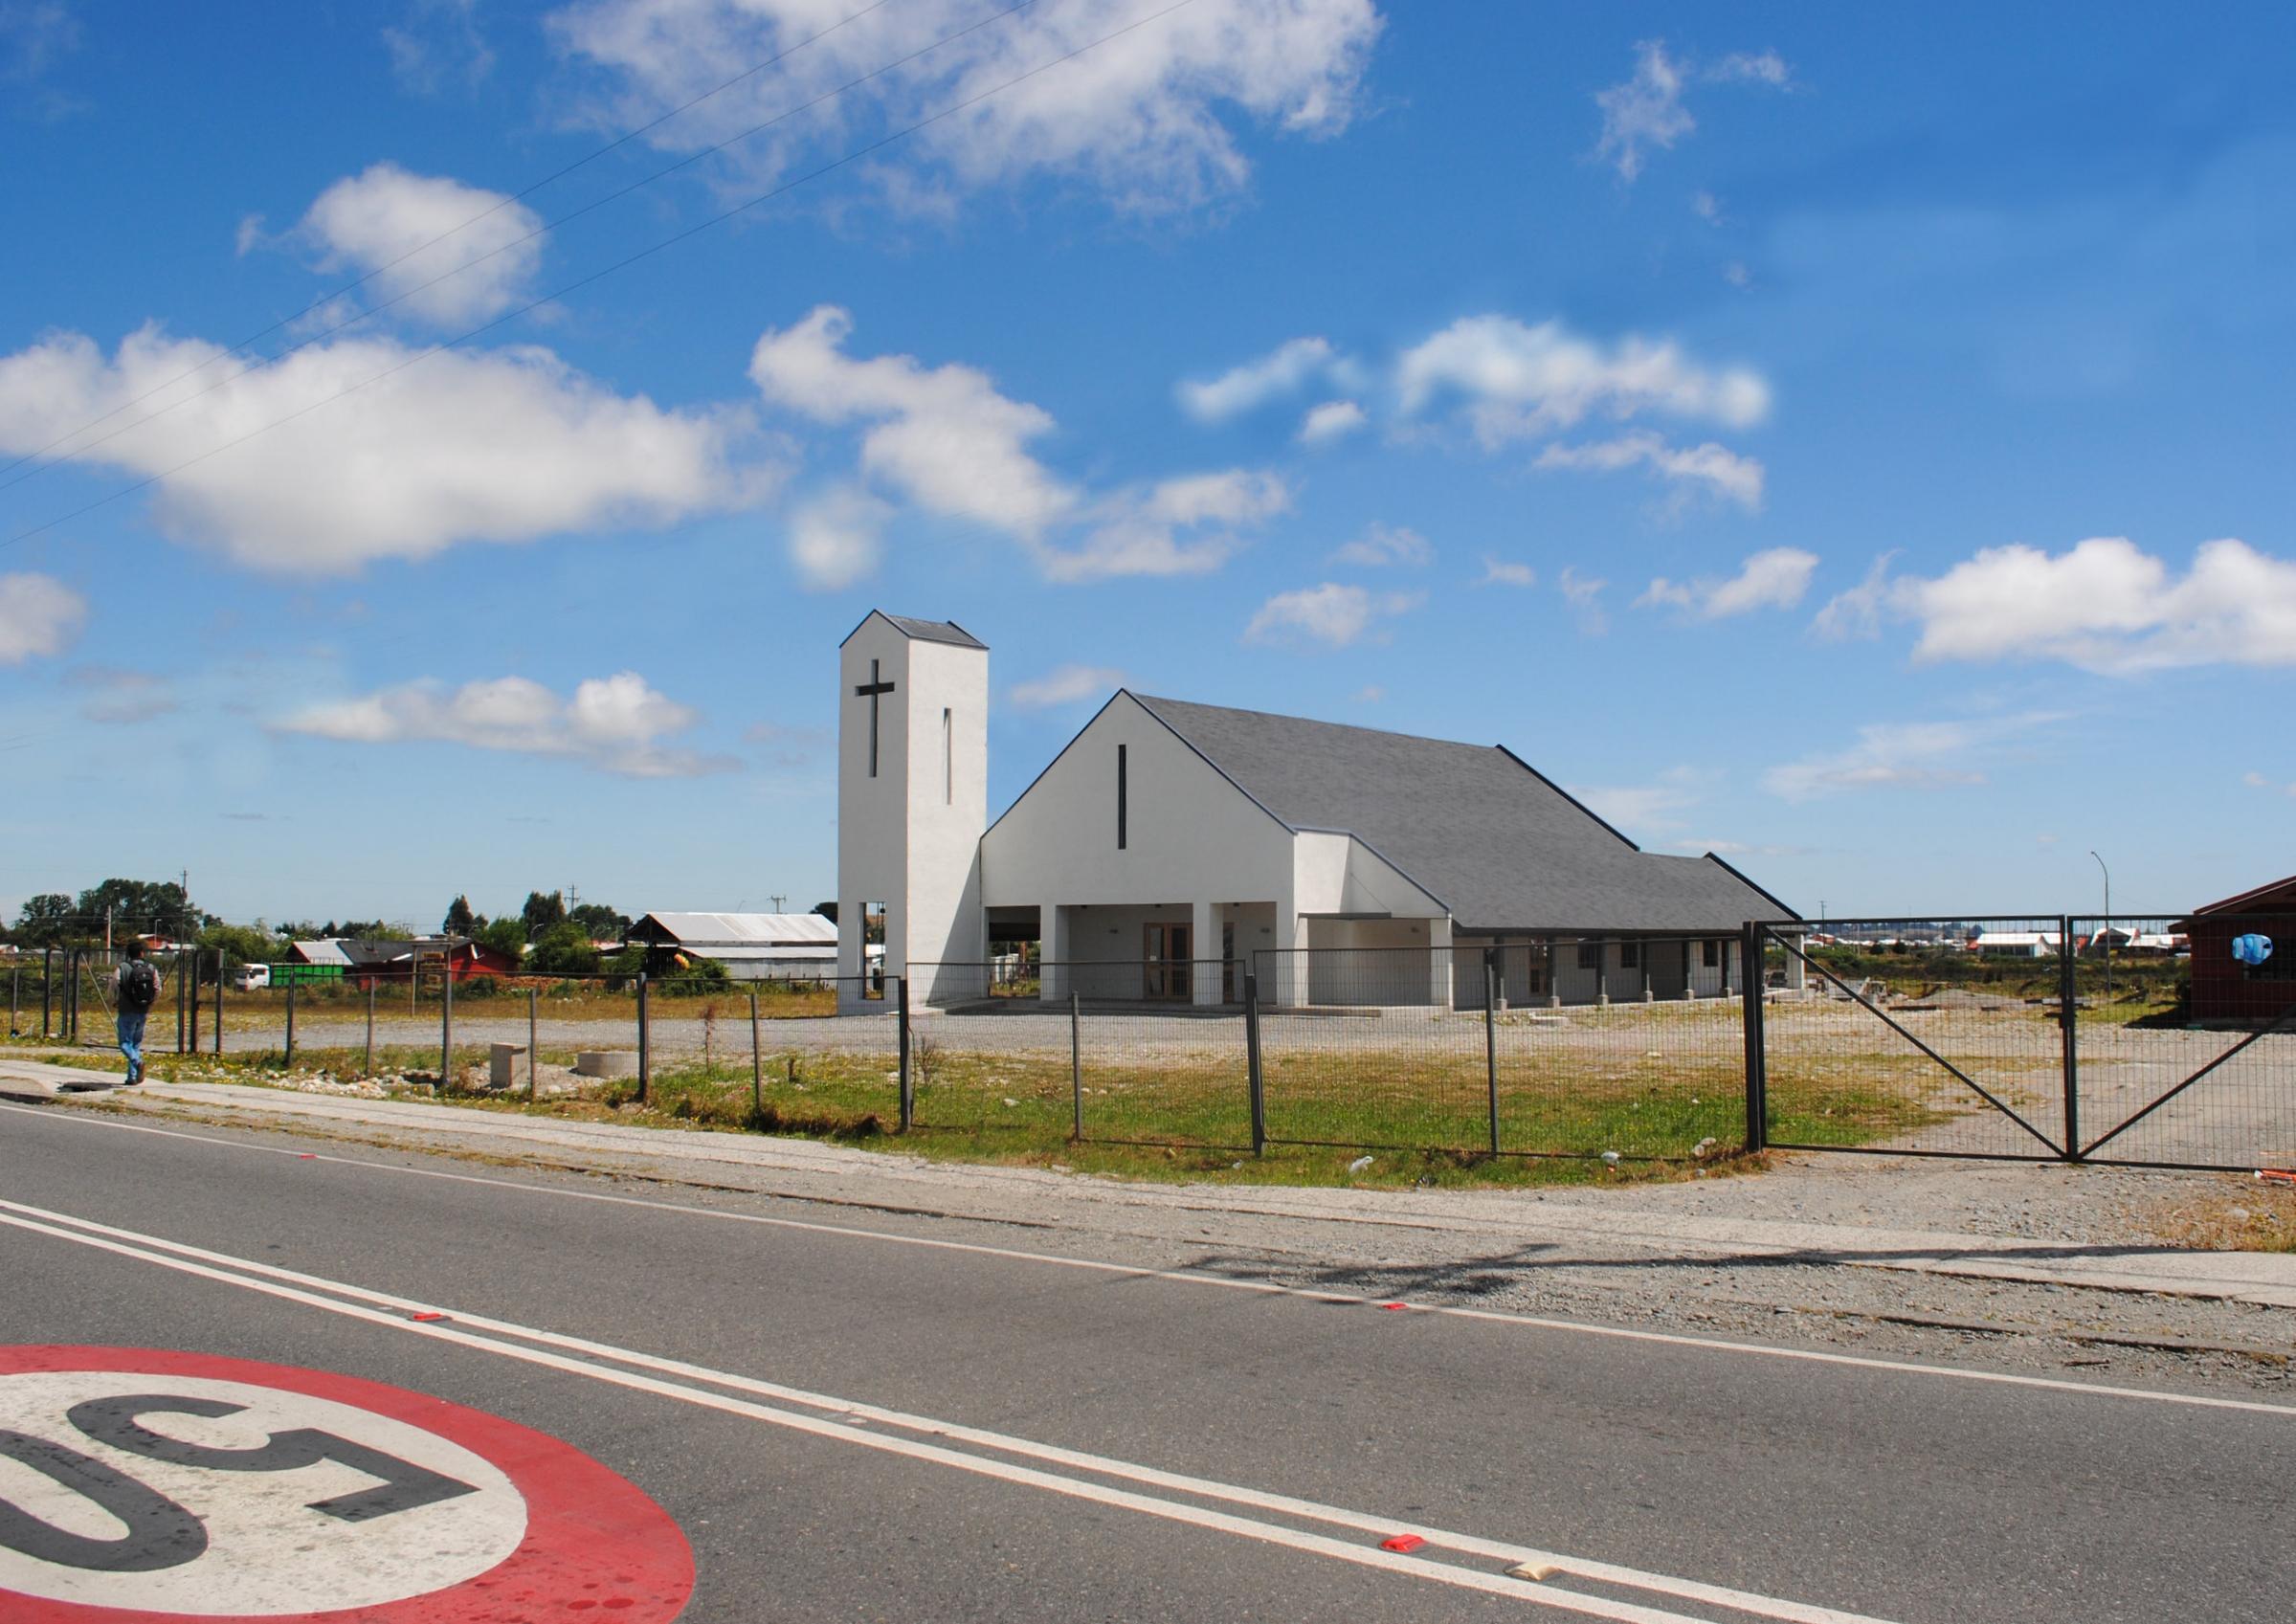 Iglesia de Alerce, obra de arquitectura y gestión desarrollada y ejecutada por CLAG.